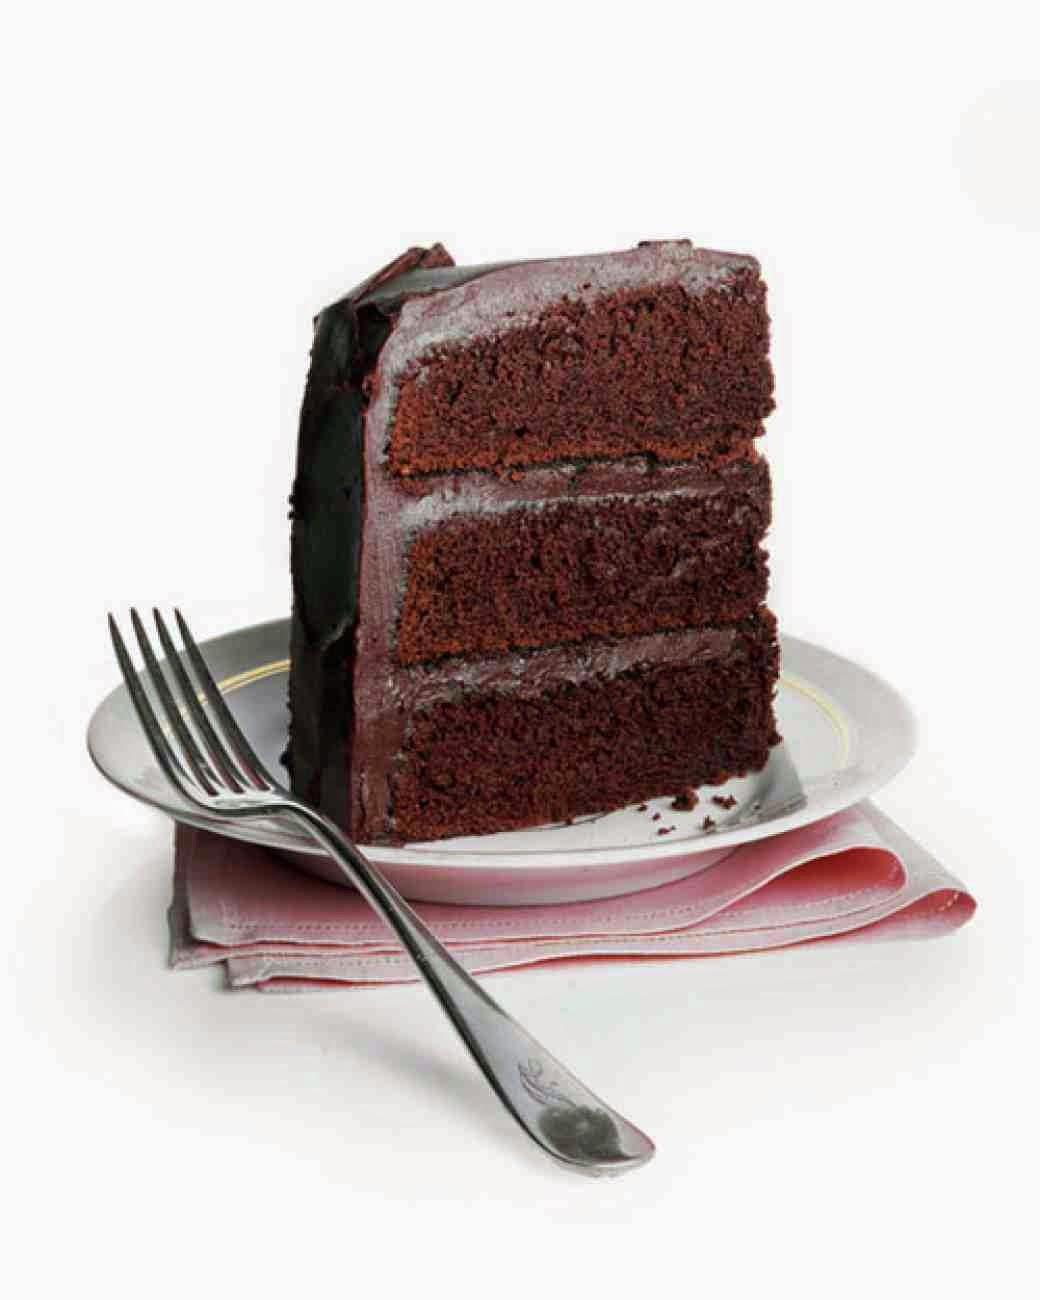 A receita d bolo de chocolate perfeito.